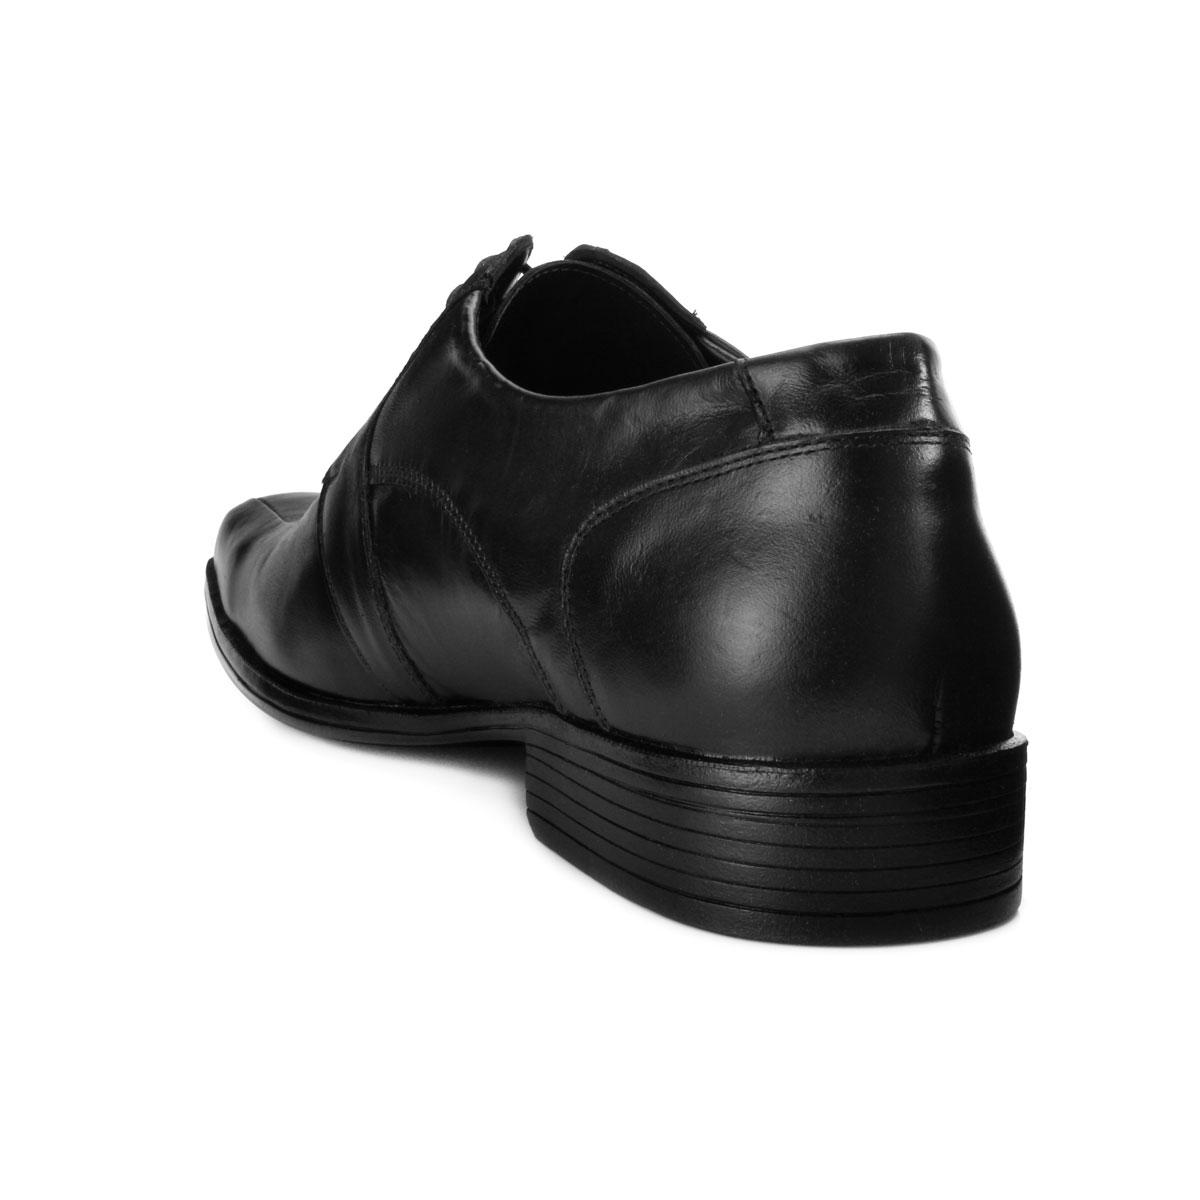 600390c3d Sapato Parello Masculino 4005 Preto TAM 44 ao 50 | Tenishoes